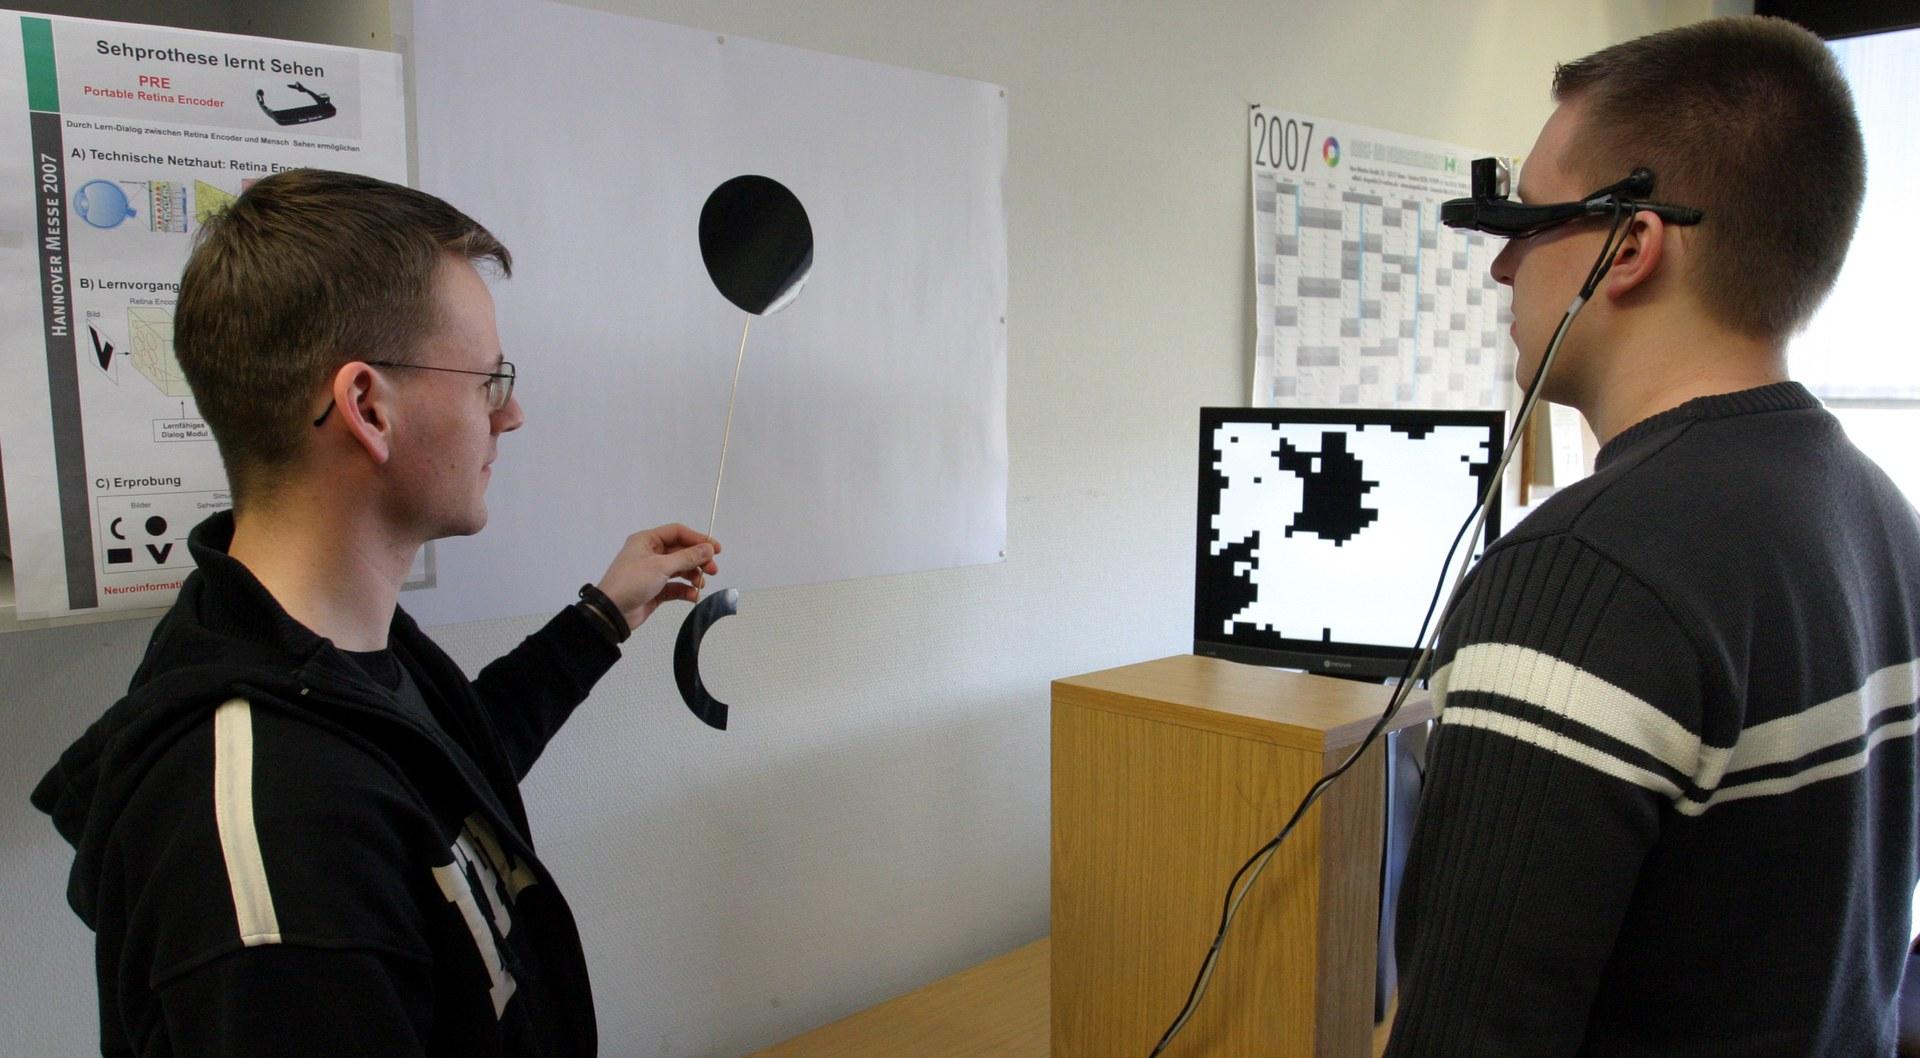 Bild Lernende Sehprothese auf der Hannover-Messe